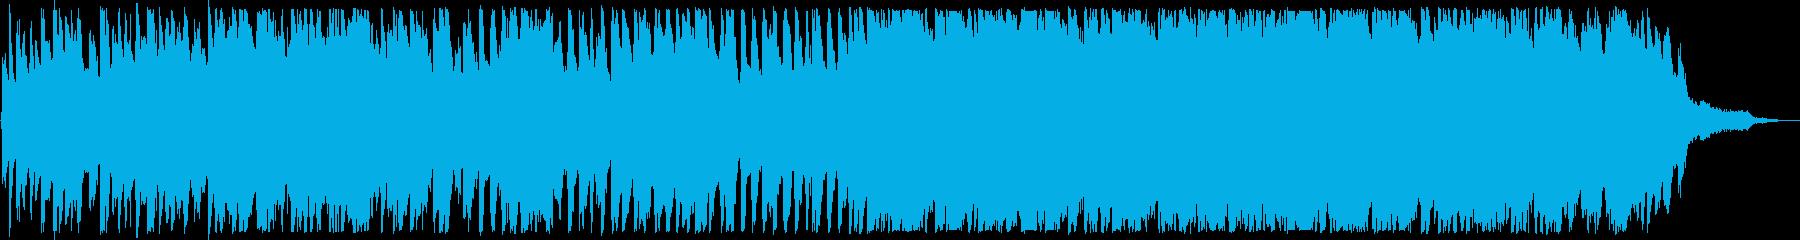 美しく感動的なバラードの再生済みの波形